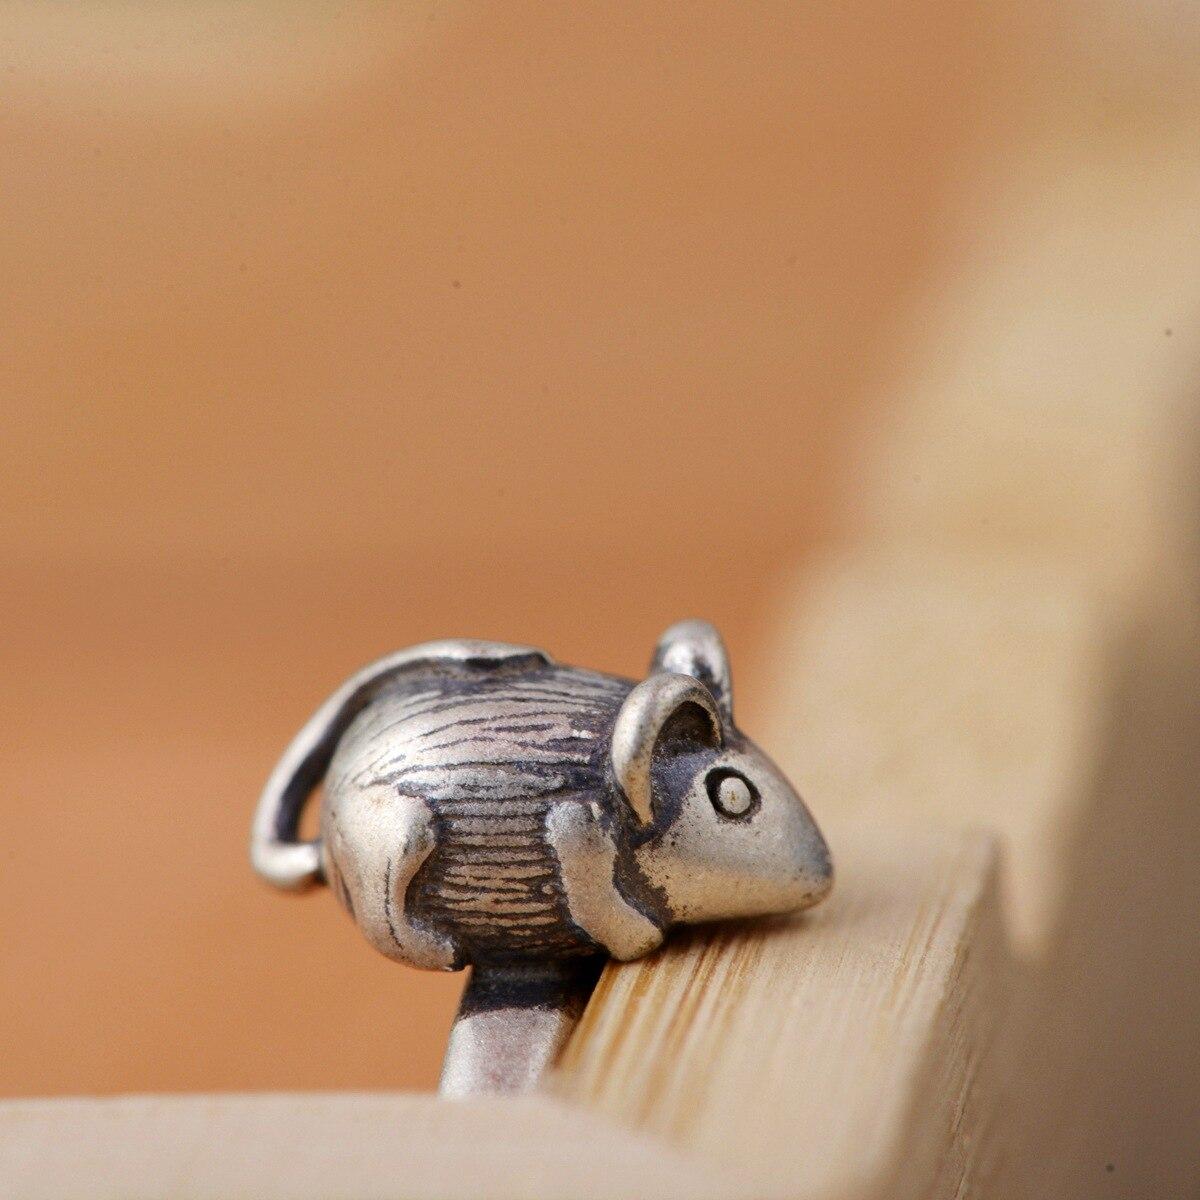 S925 argent pur souris ouverture anneau femme argent main délicate agir le rôle de style restauration des manières anciennes